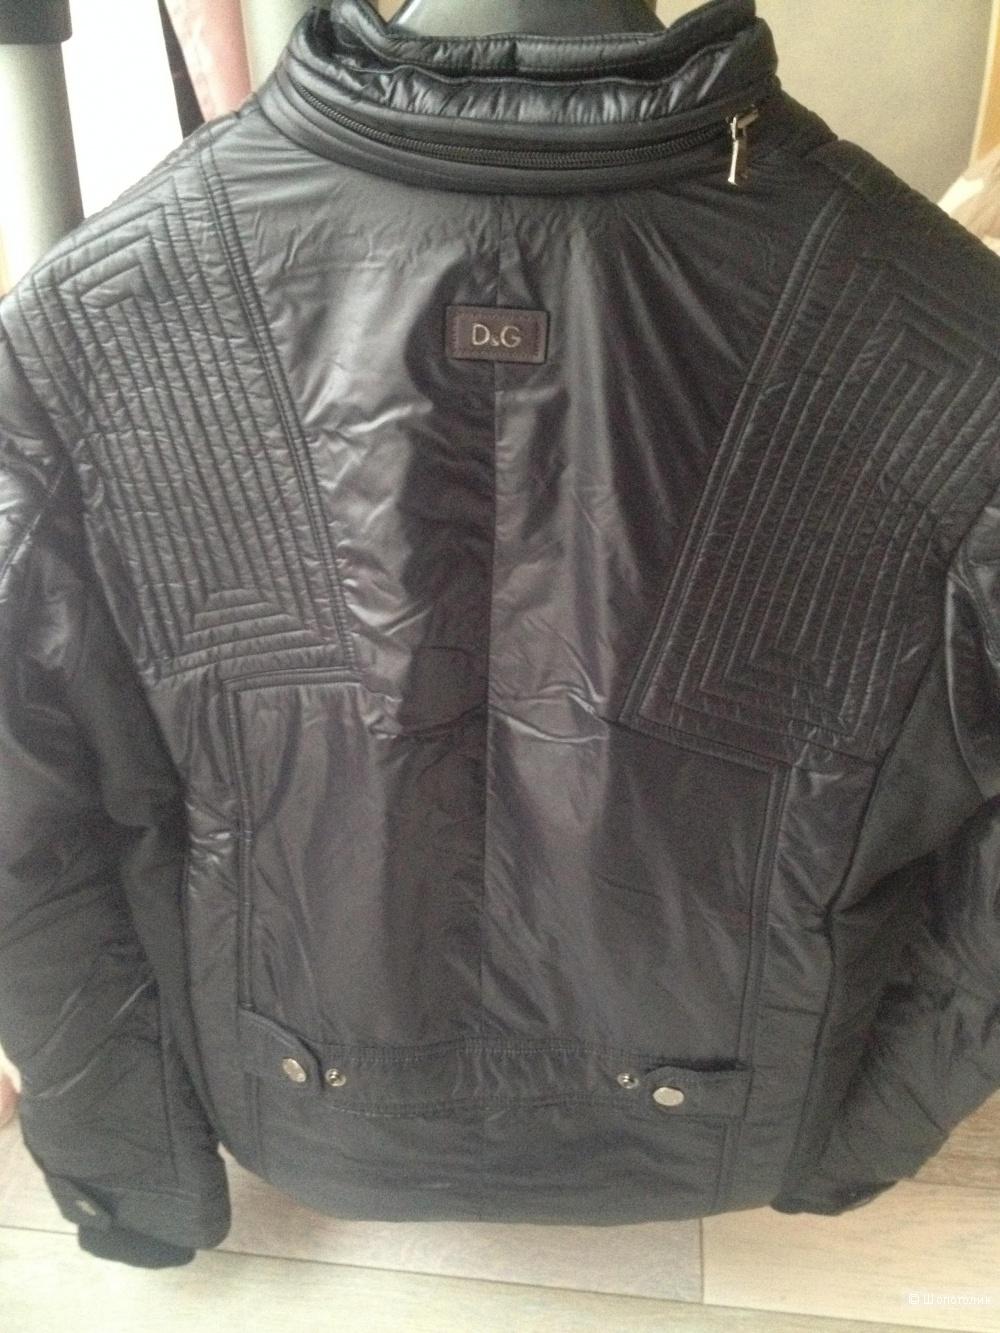 Новая мужская куртка DolceGabbana (D&G). Оригинал. Размер 48.